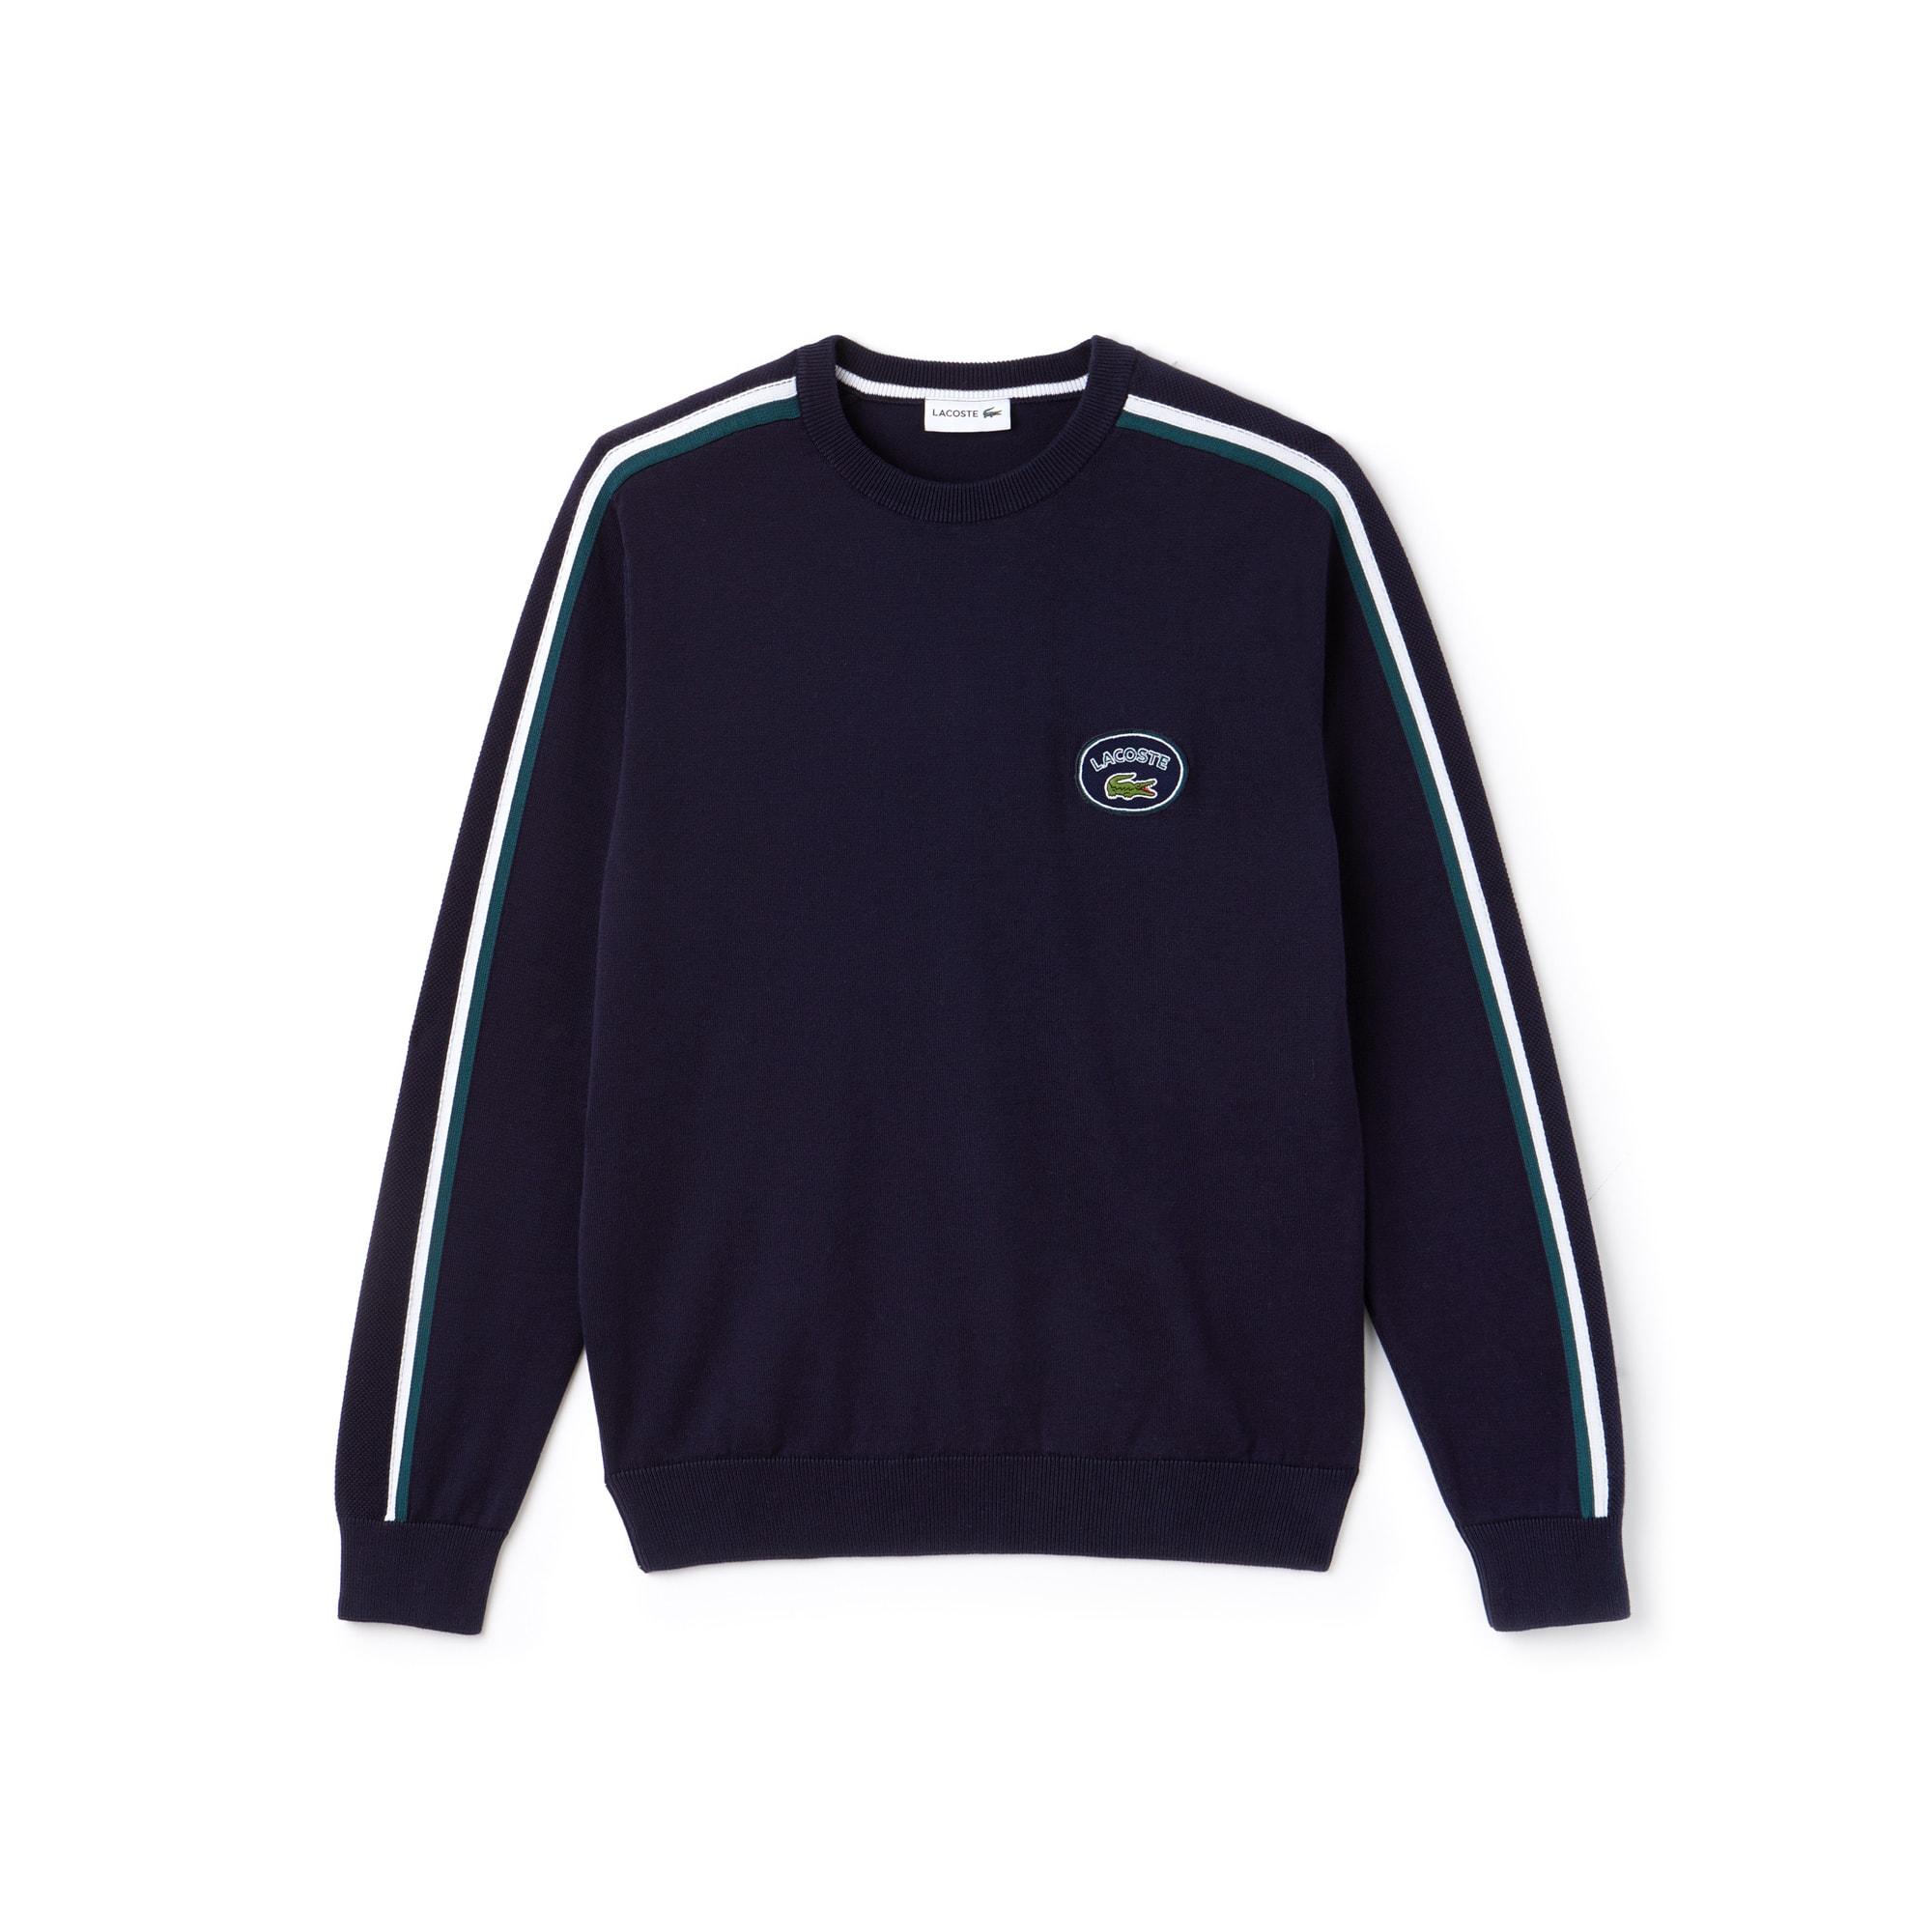 Pullover a girocollo in jersey di cotone con dettagli a contrasto